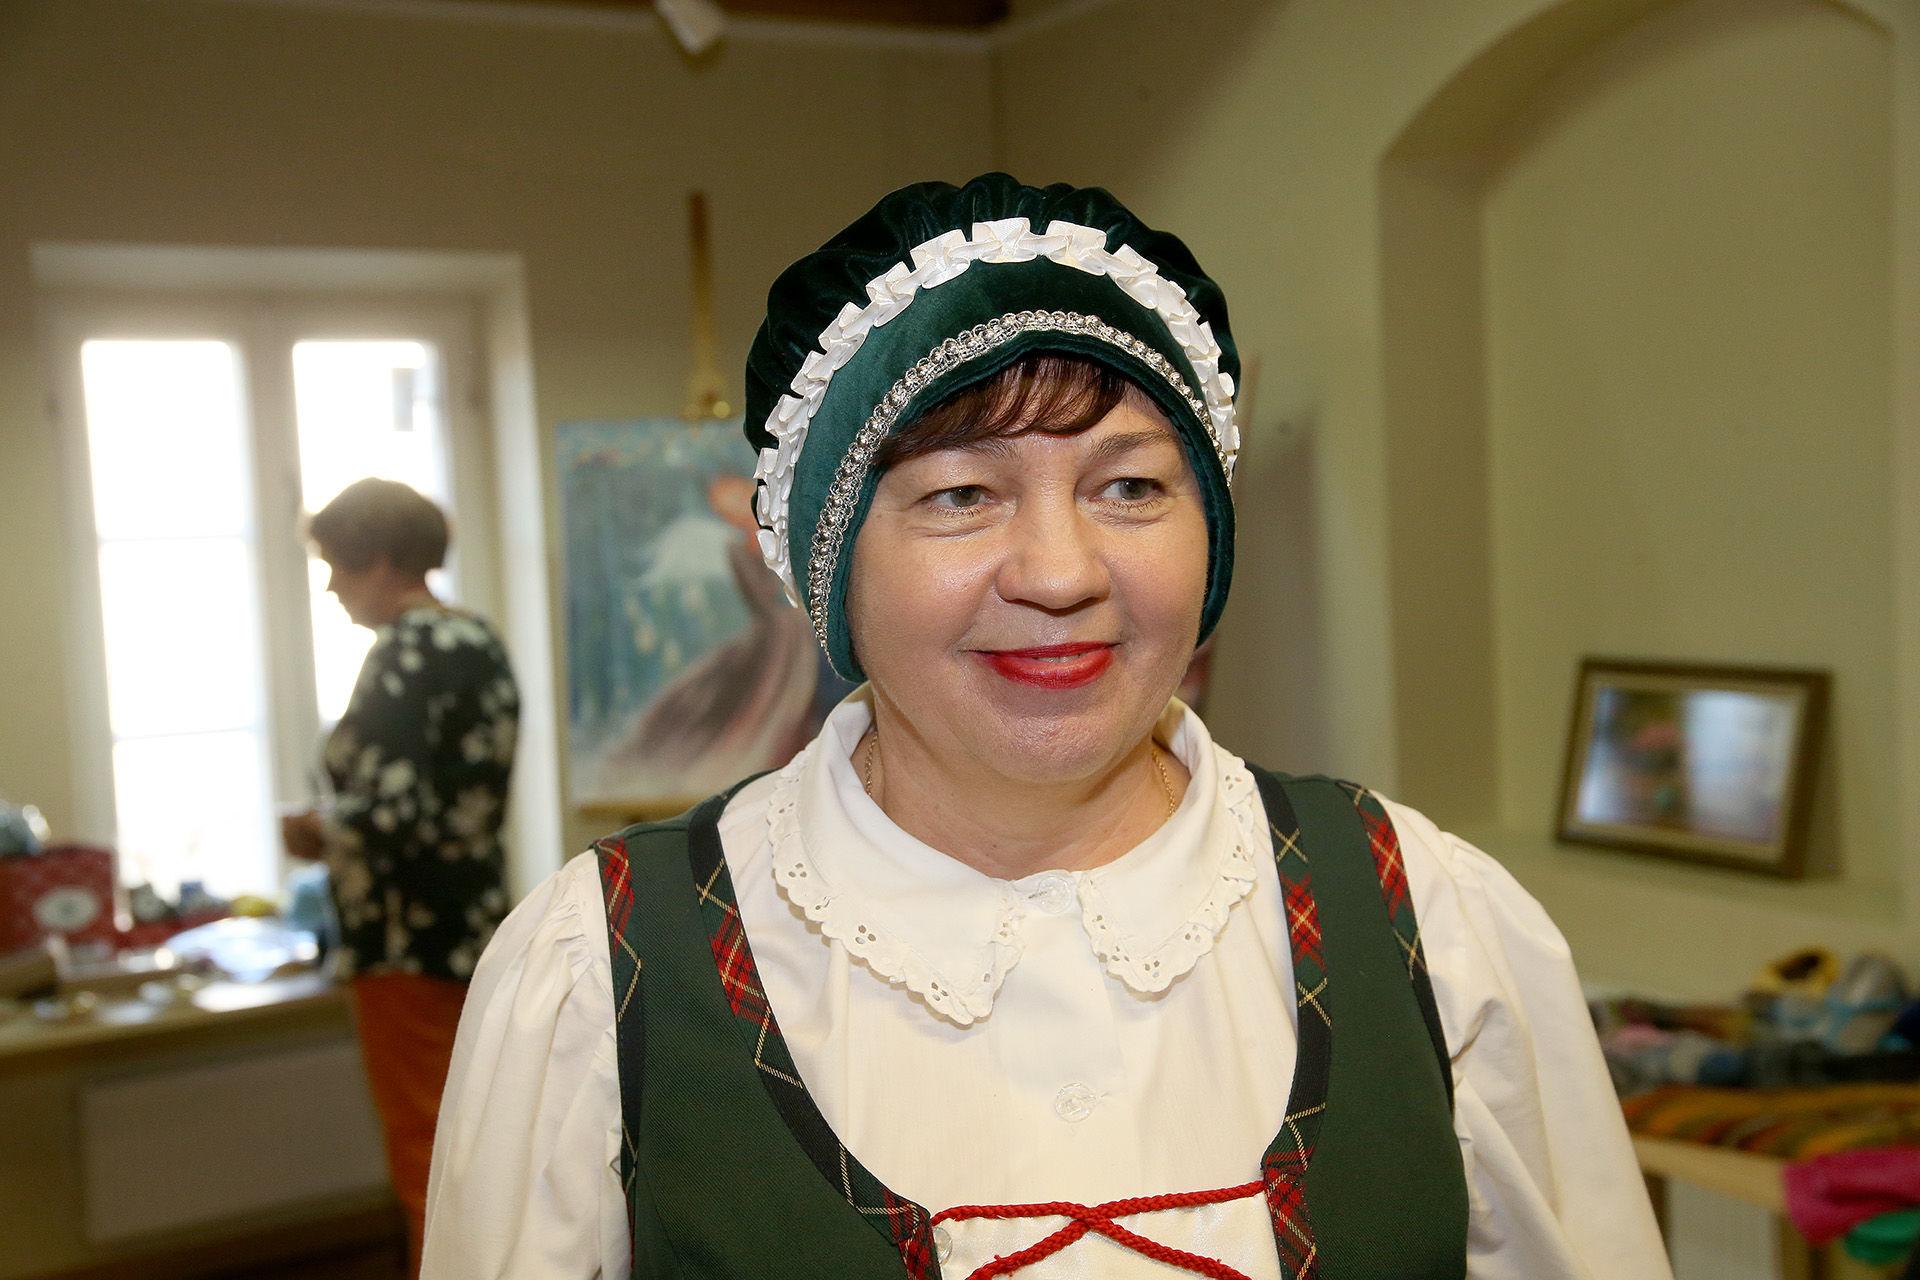 Kėdainių kultūros centro Tiskūnų skyriaus vadovė Irena Šalukienė džiaugiasi Tiskūnuose metai iš metų plėtojama kultūrine veikla ir bendruomenės žmonių noru prisijungti prie jos. / A. Barzdžiaus nuotr.